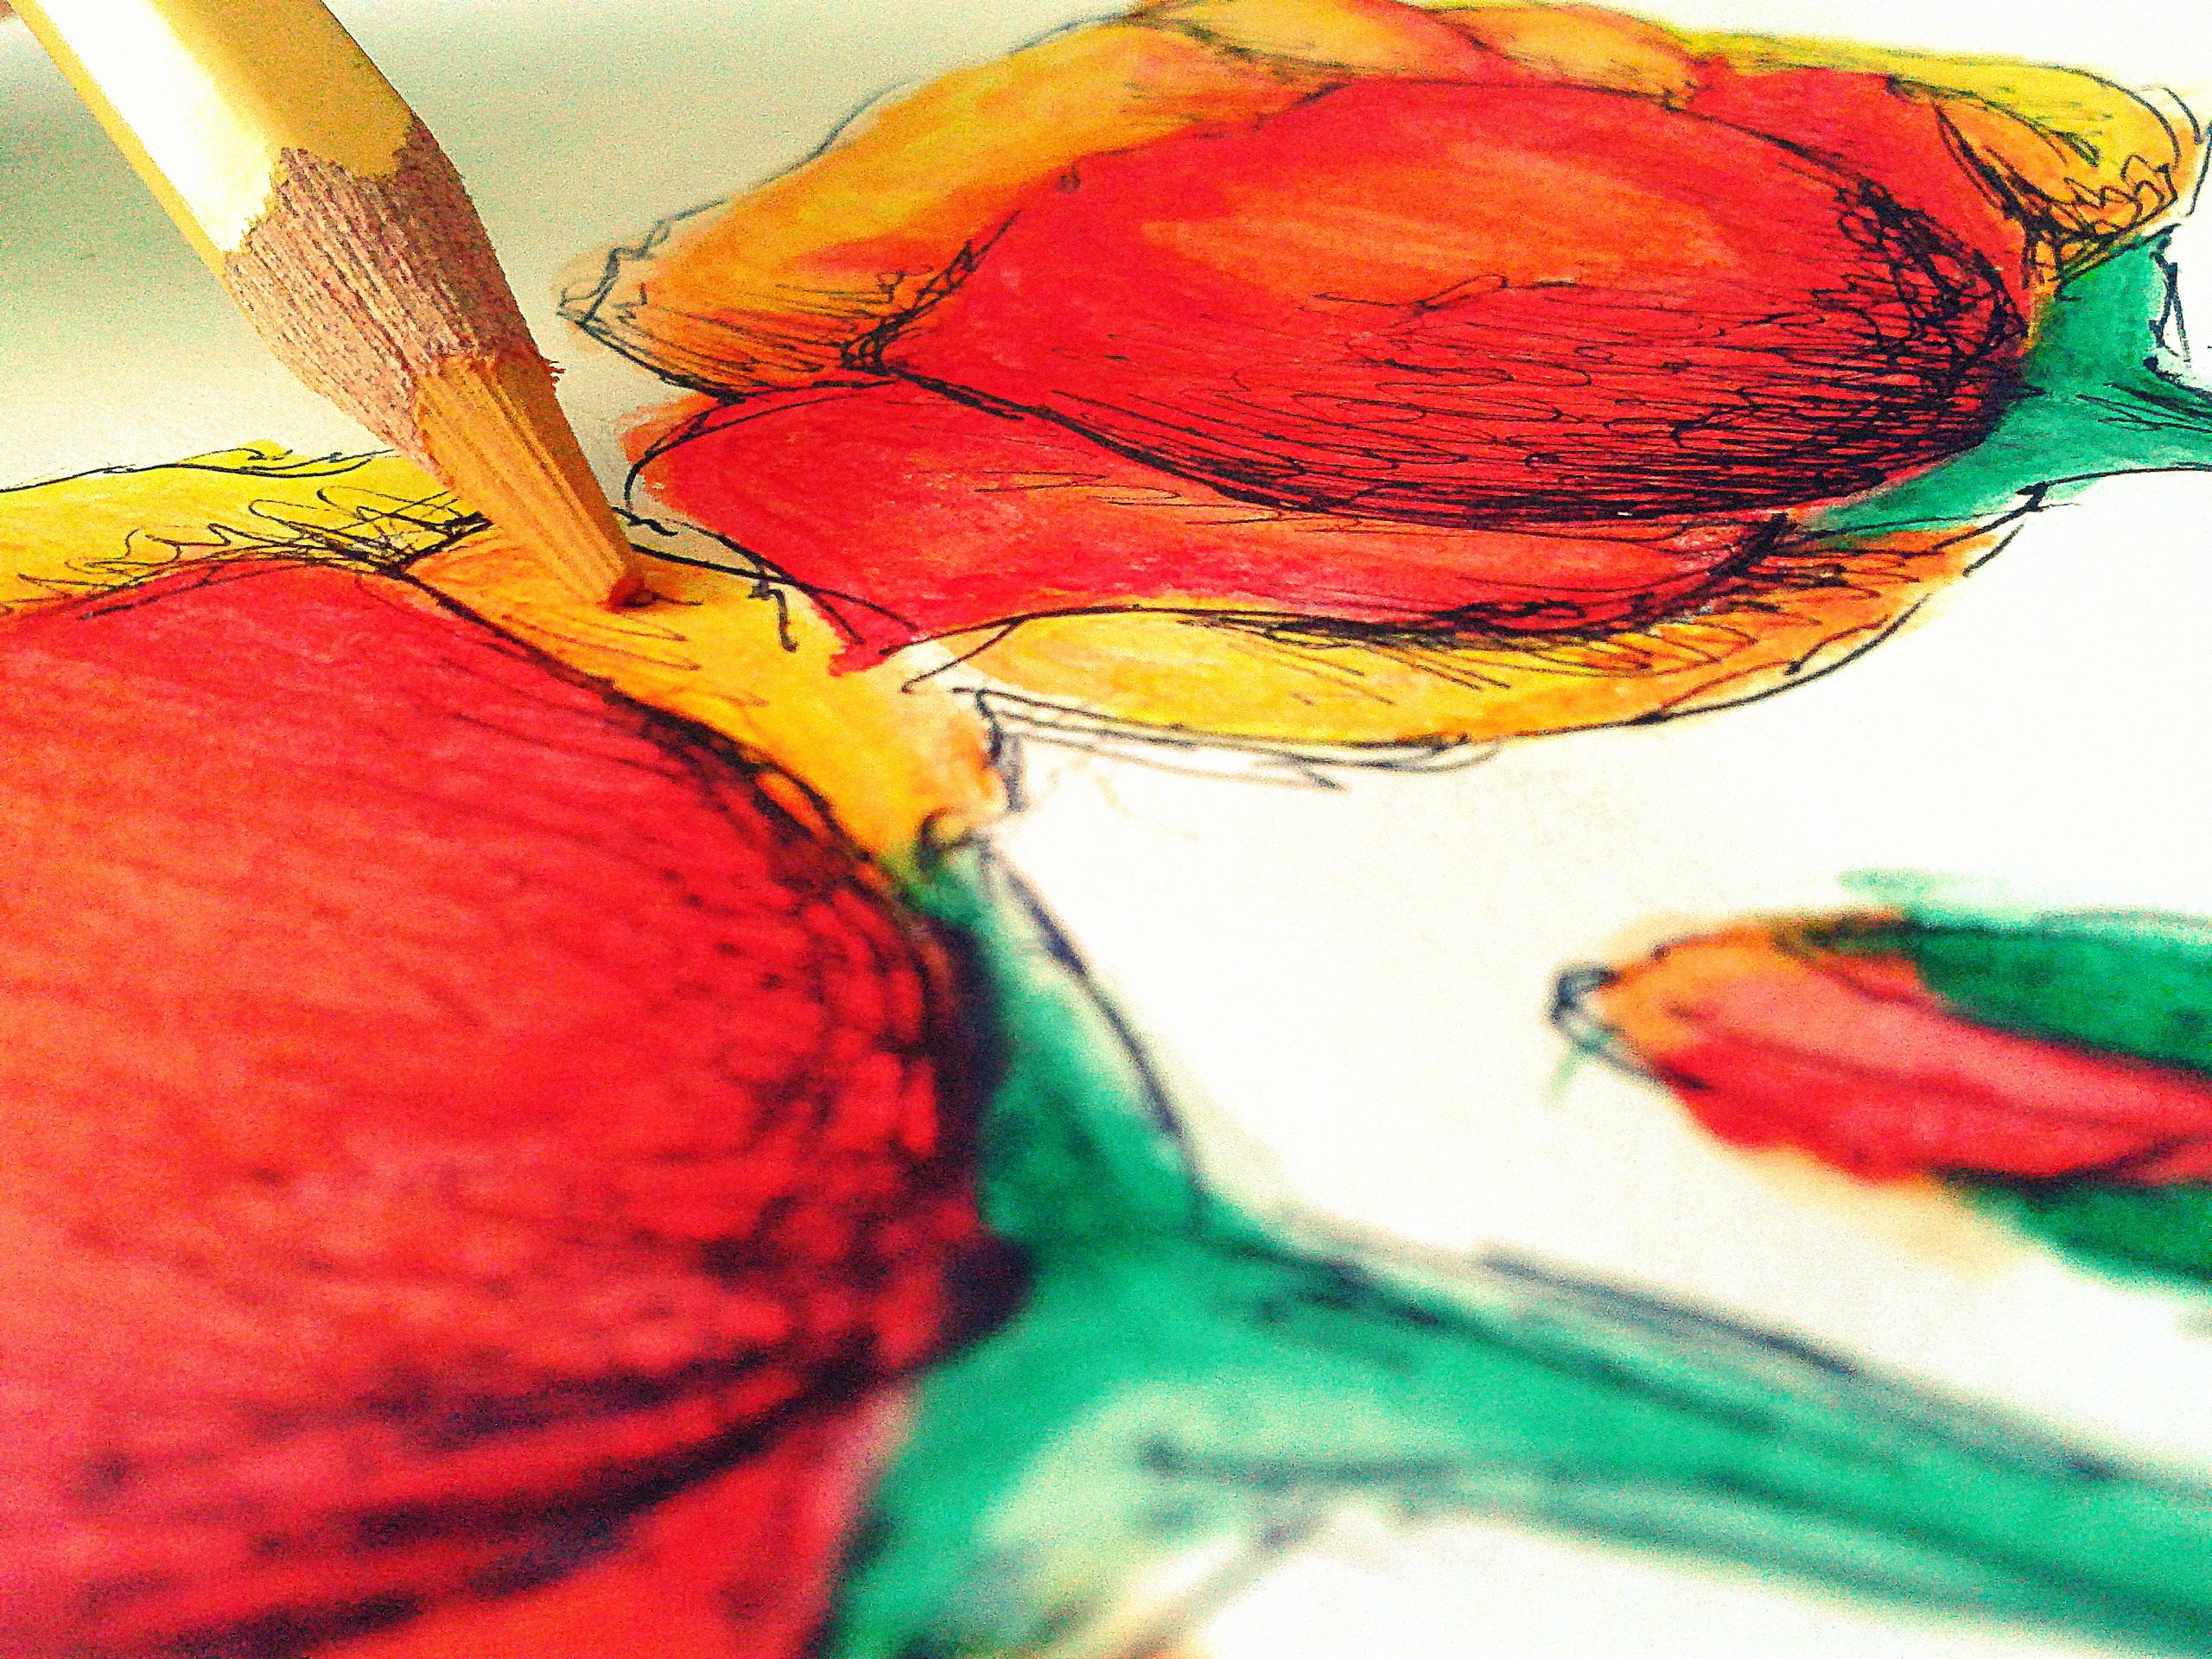 Free Images : pencil, leaf, flower, petal, red, color, still life ...